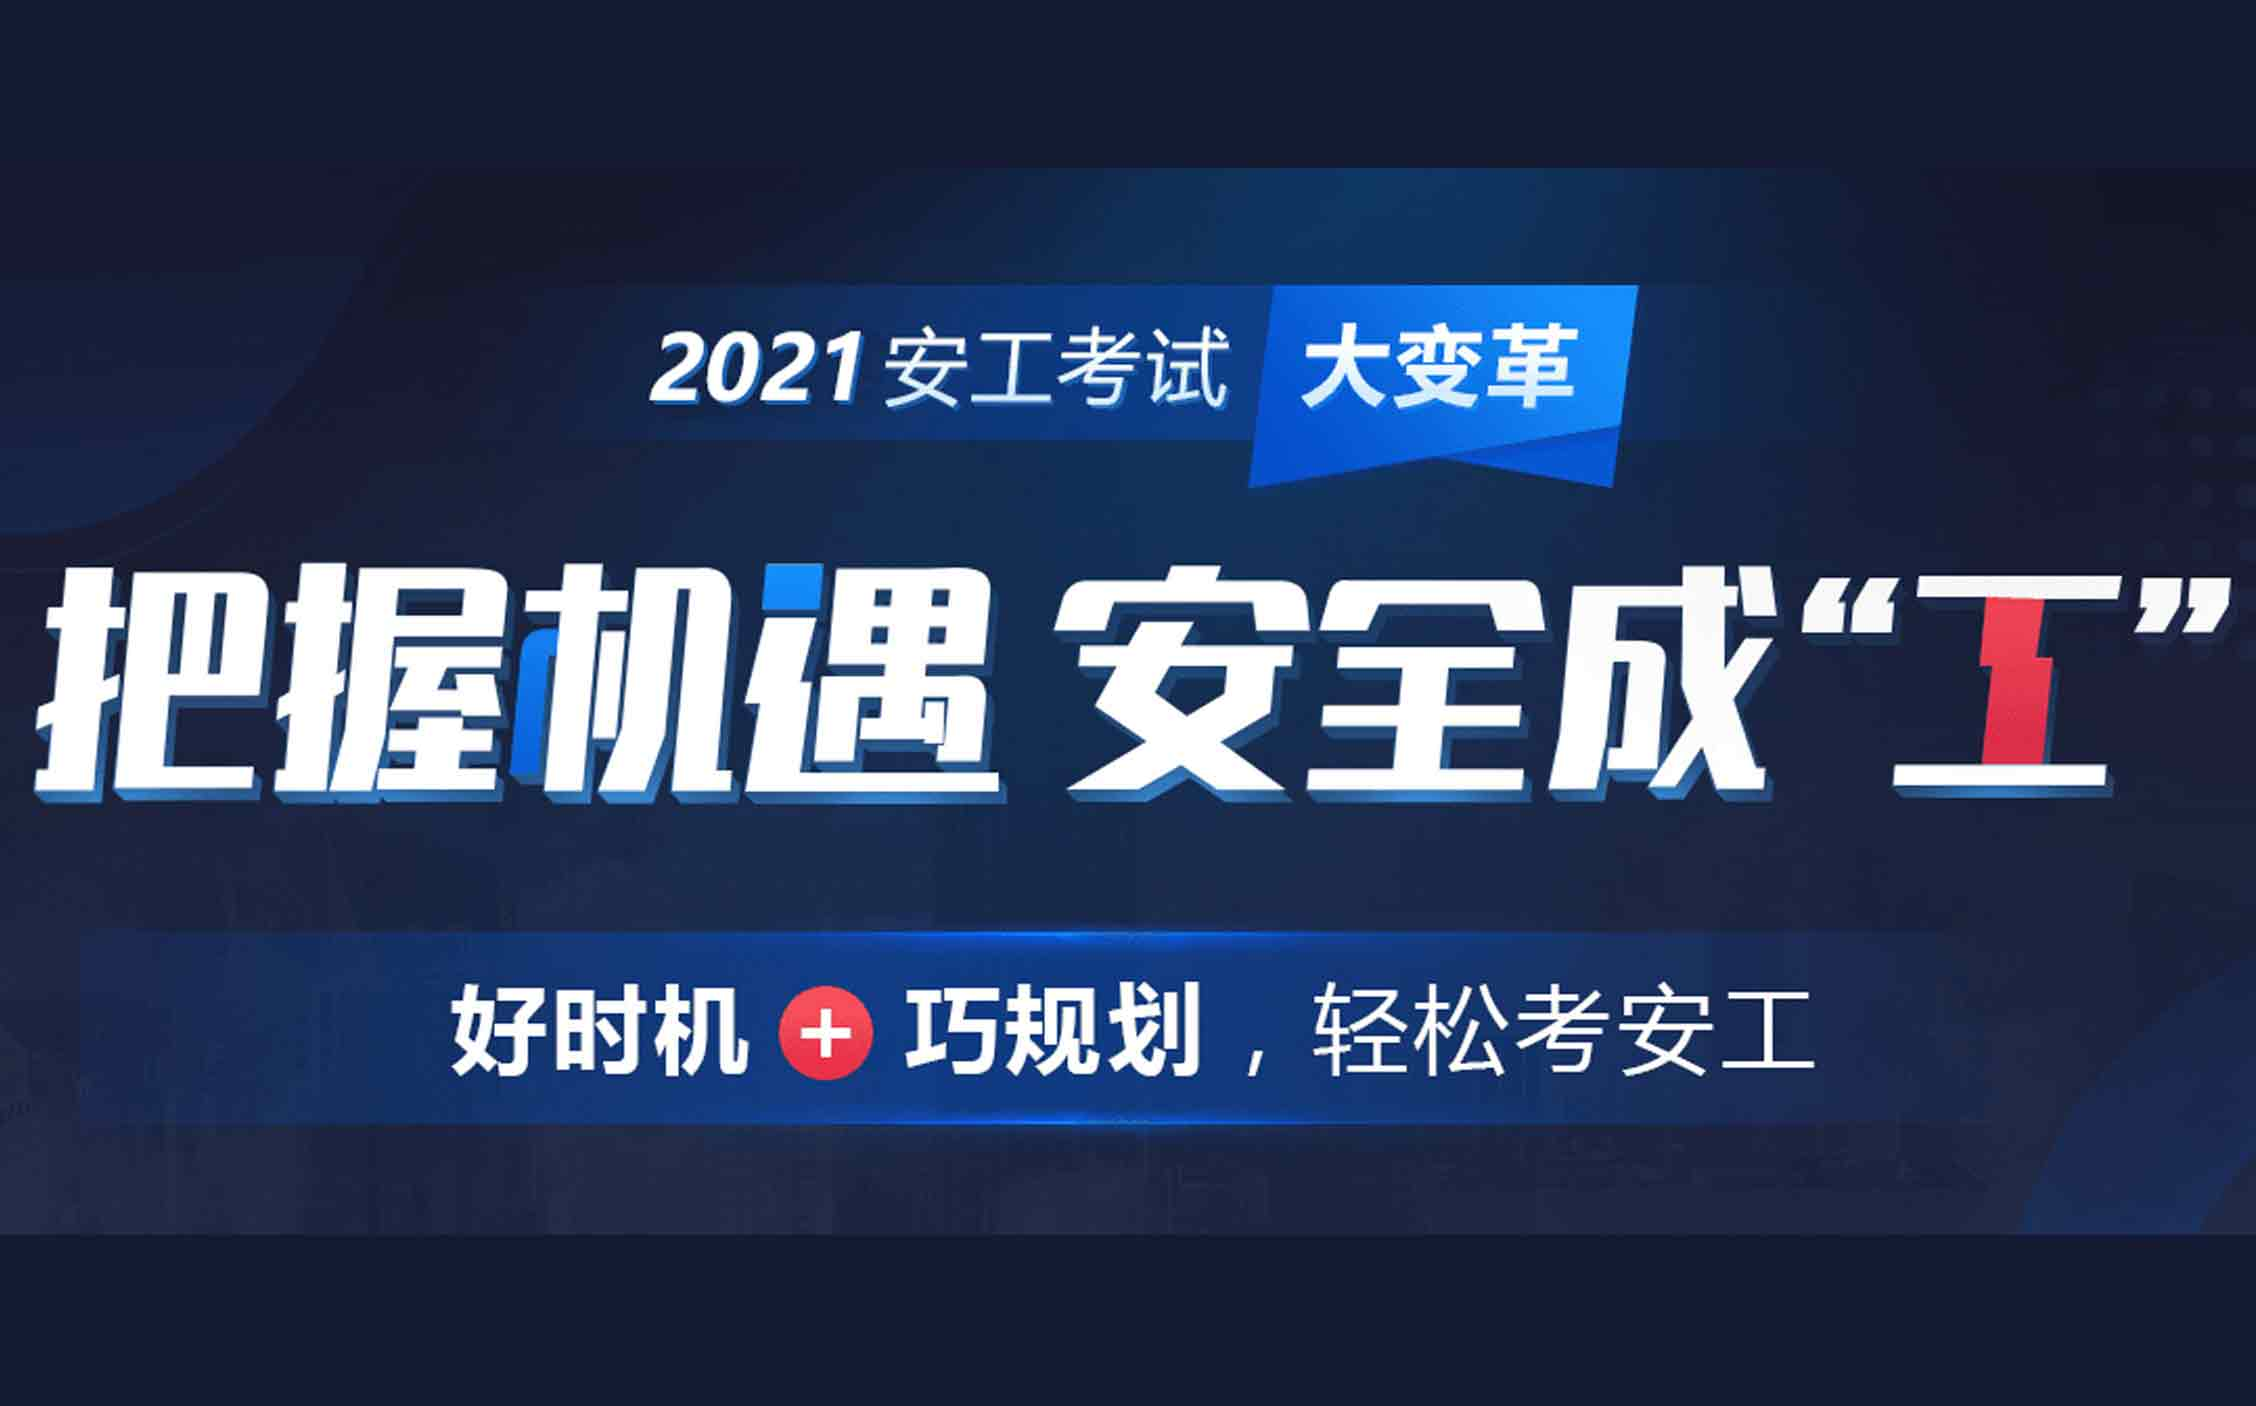 江陰2021安全工程師培訓機構招生簡章